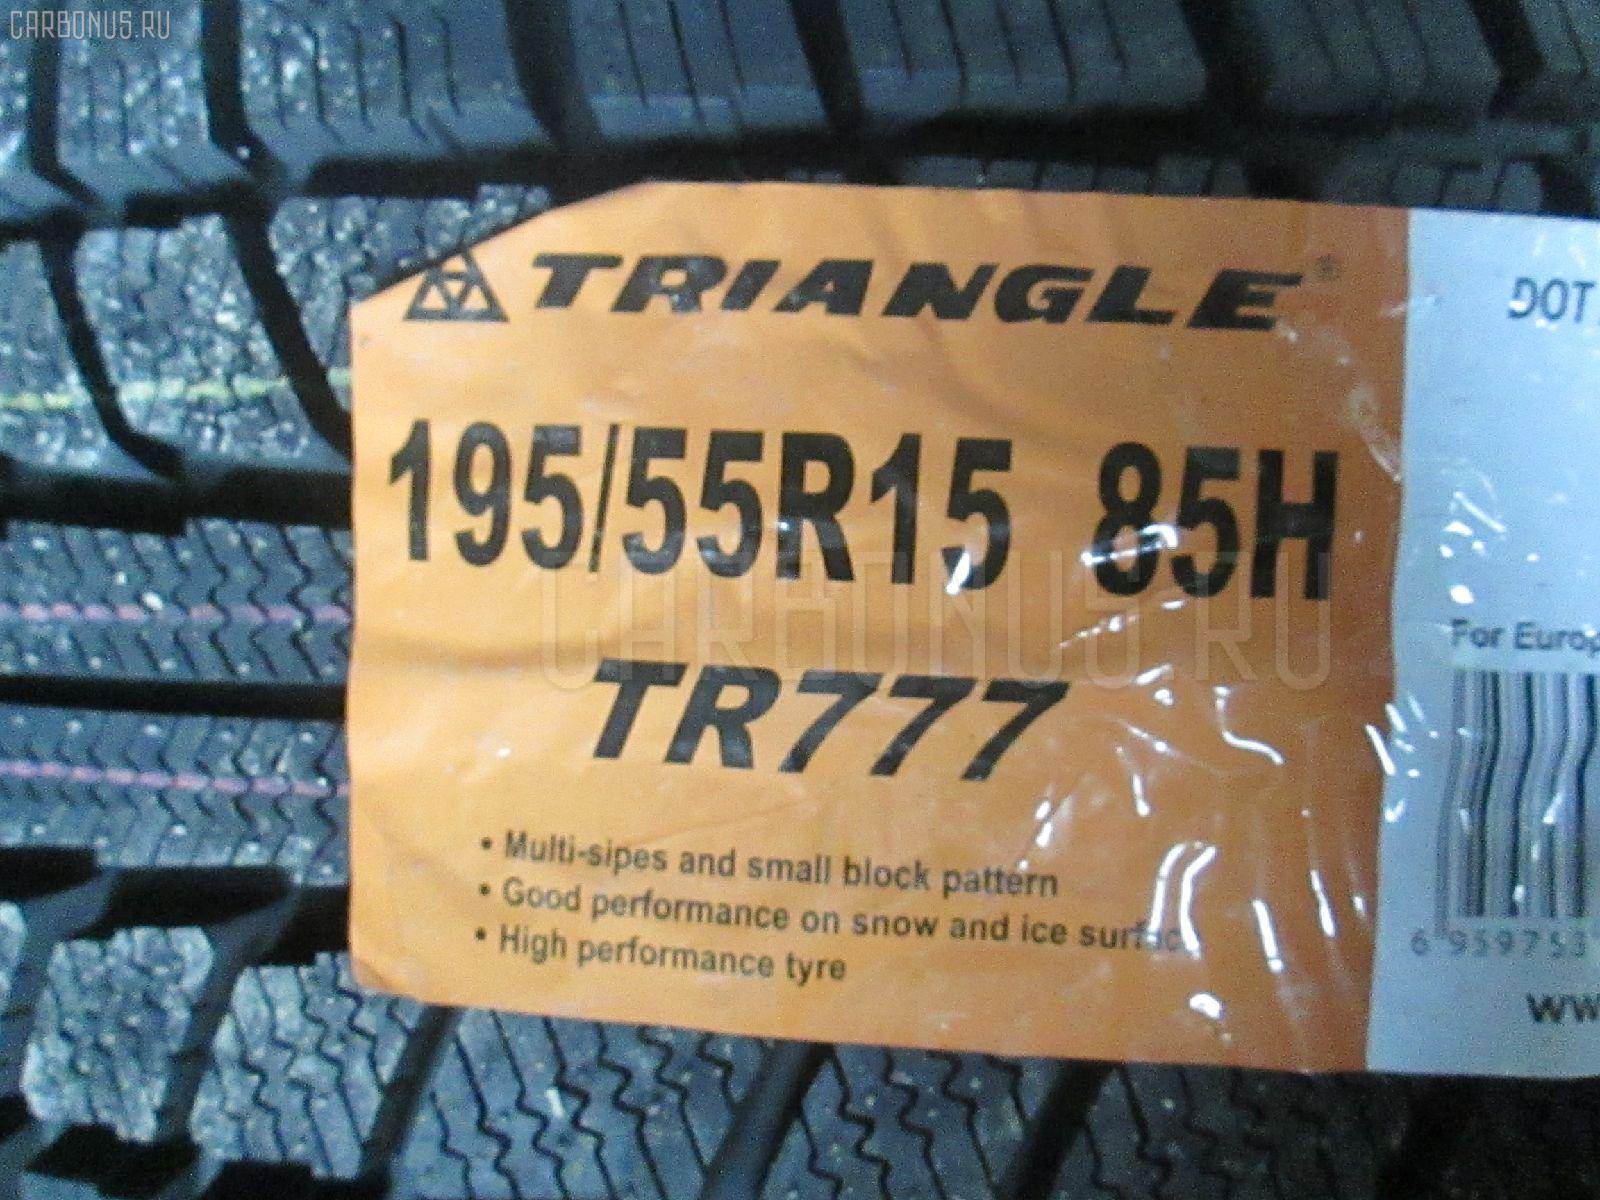 Автошина легковая зимняя TR777 195/55R15. Фото 4